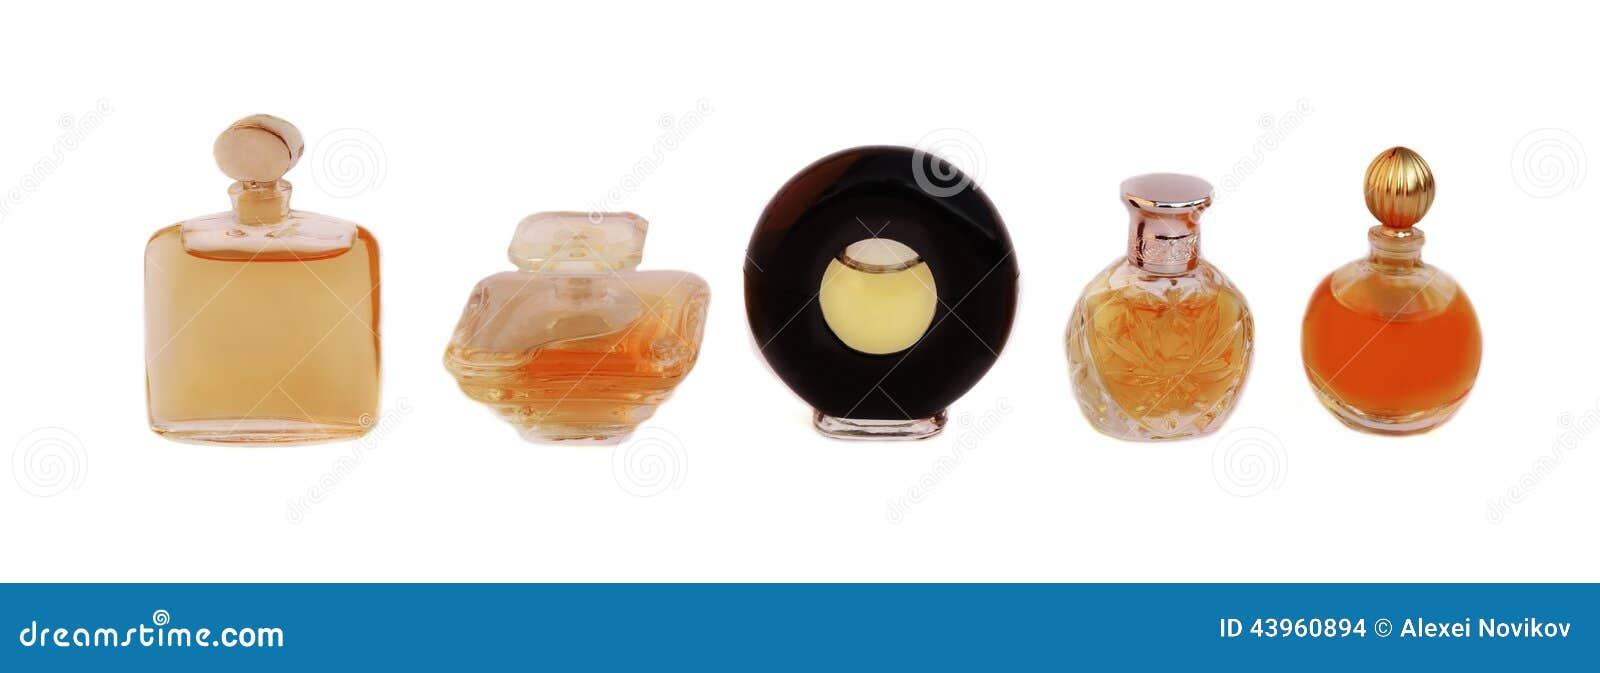 Bottles perfekt doft för reklamfilmkvinnligtidskrifter